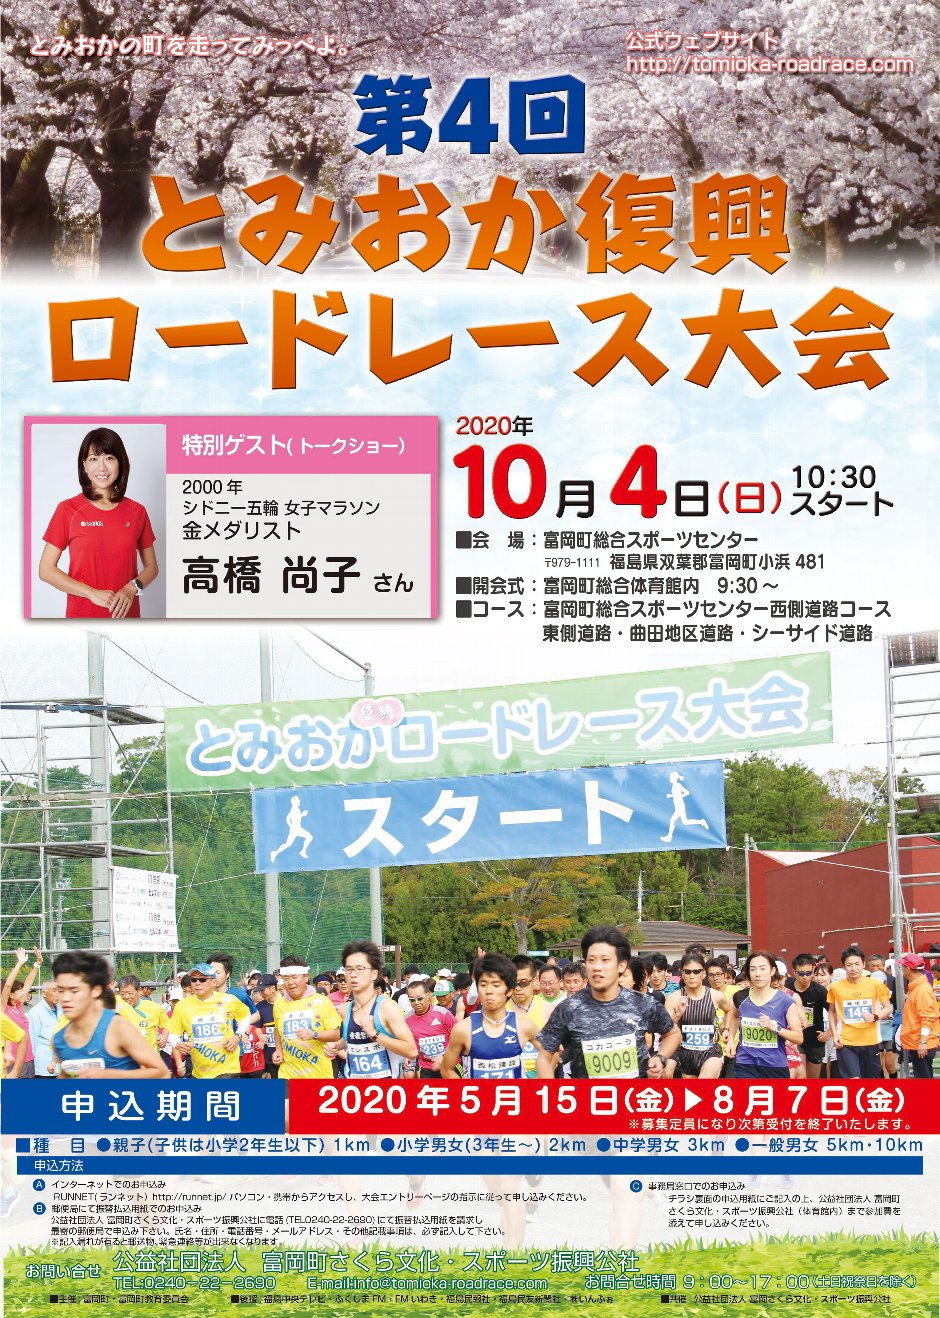 2020.10.4第4回とみおか復興ロードレース大会